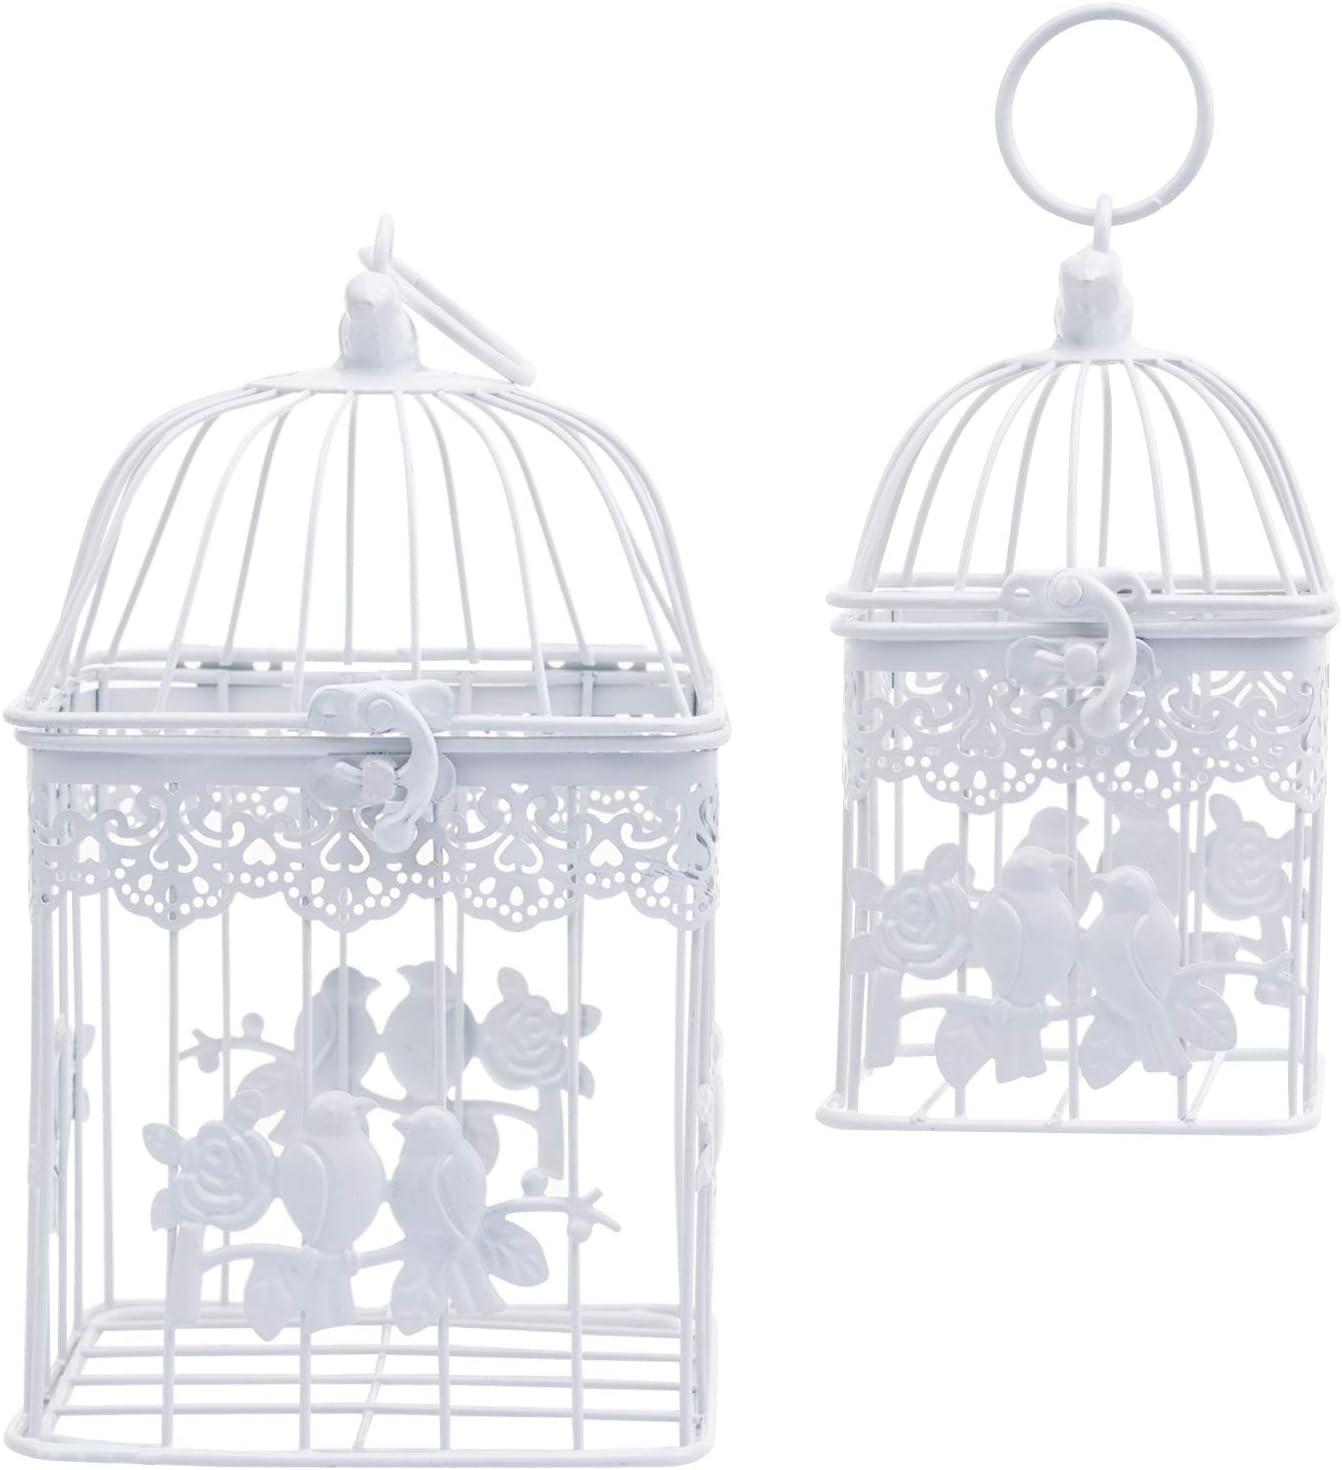 SOGREAT Jaula Decorativa de 2 Flores, Jaula para pájaros, decoración de Mesa, Jaula para Plantas, buzón, Metal, Color Blanco, Vintage, Ideal para Sobres de Boda, Tarjetas de Dinero